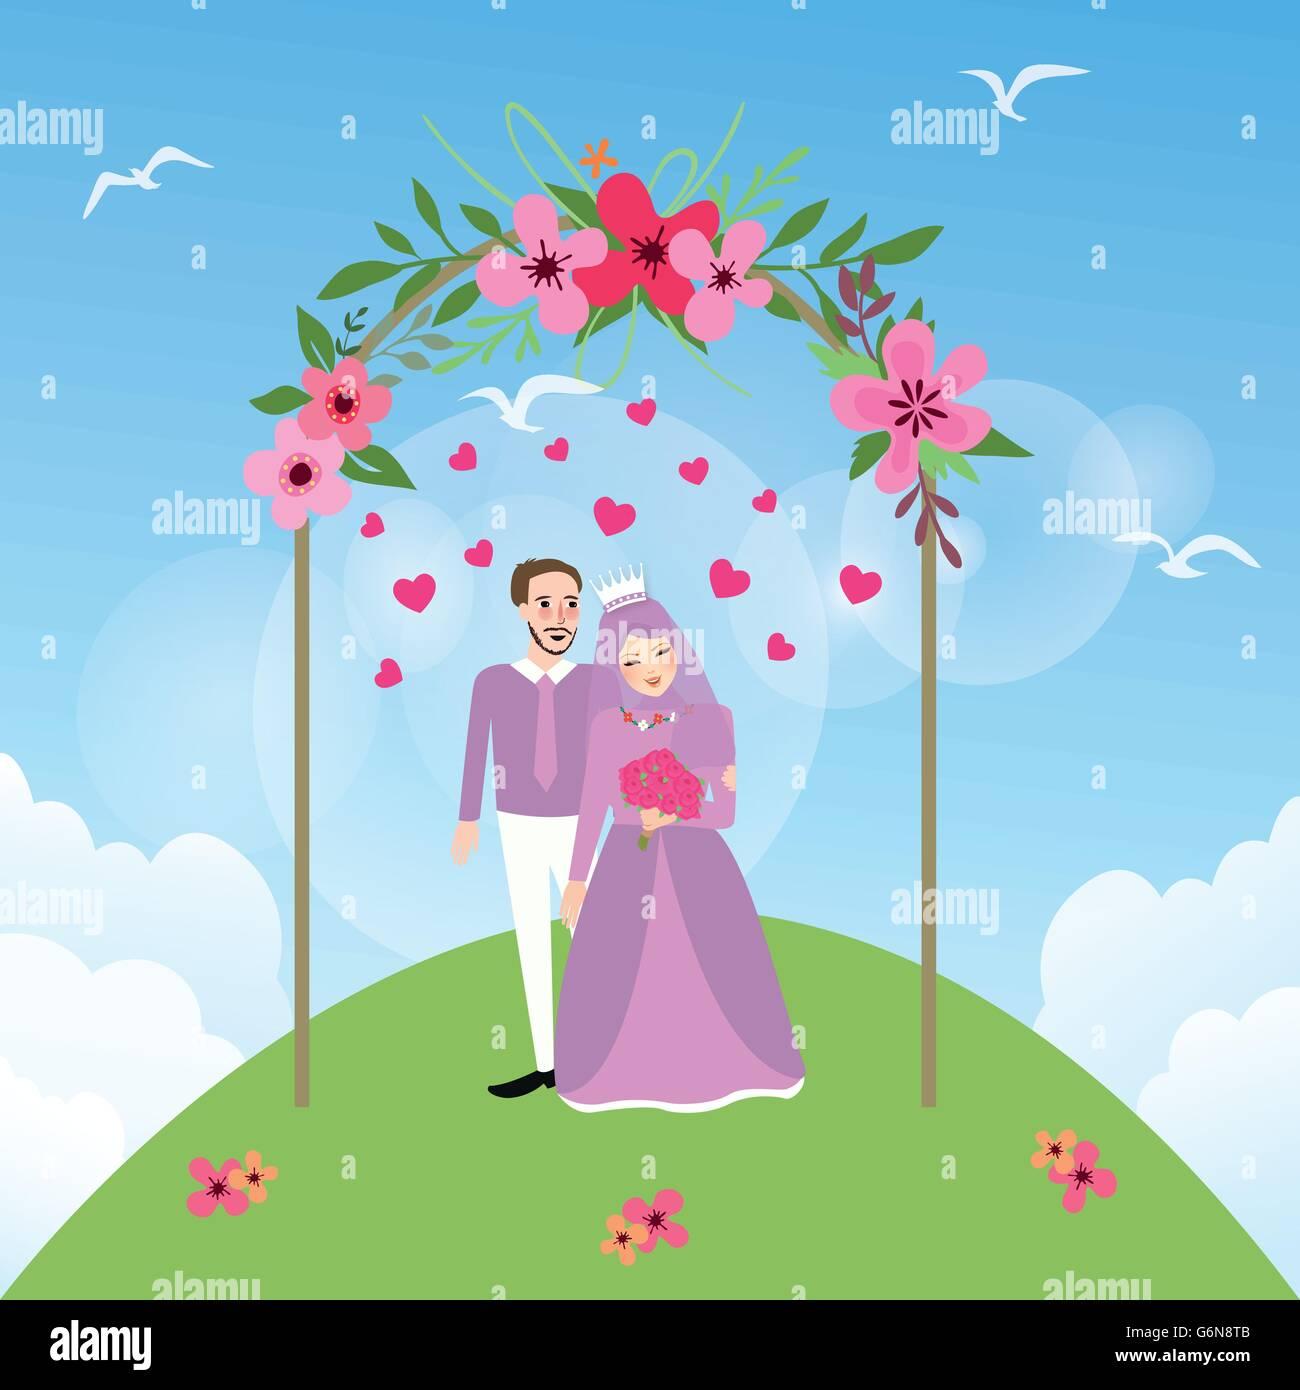 Couple Married Islam Woman Girl Wearing Veil Marriage Wedding Stock Vector Image Art Alamy